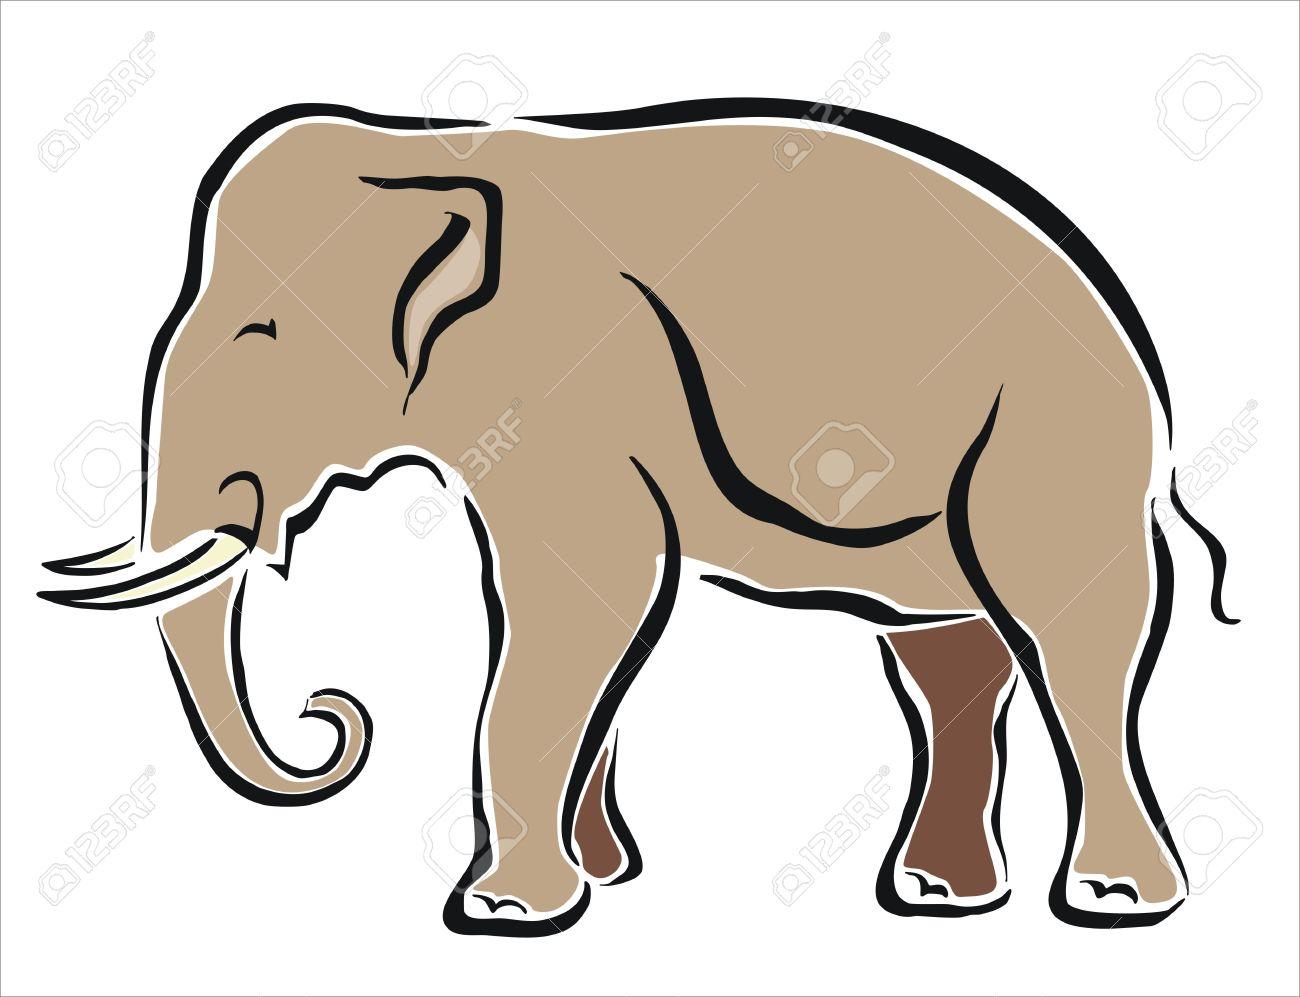 Dessin D Un Éléphant dessin d'un éléphant asiatique clip art libres de droits , vecteurs